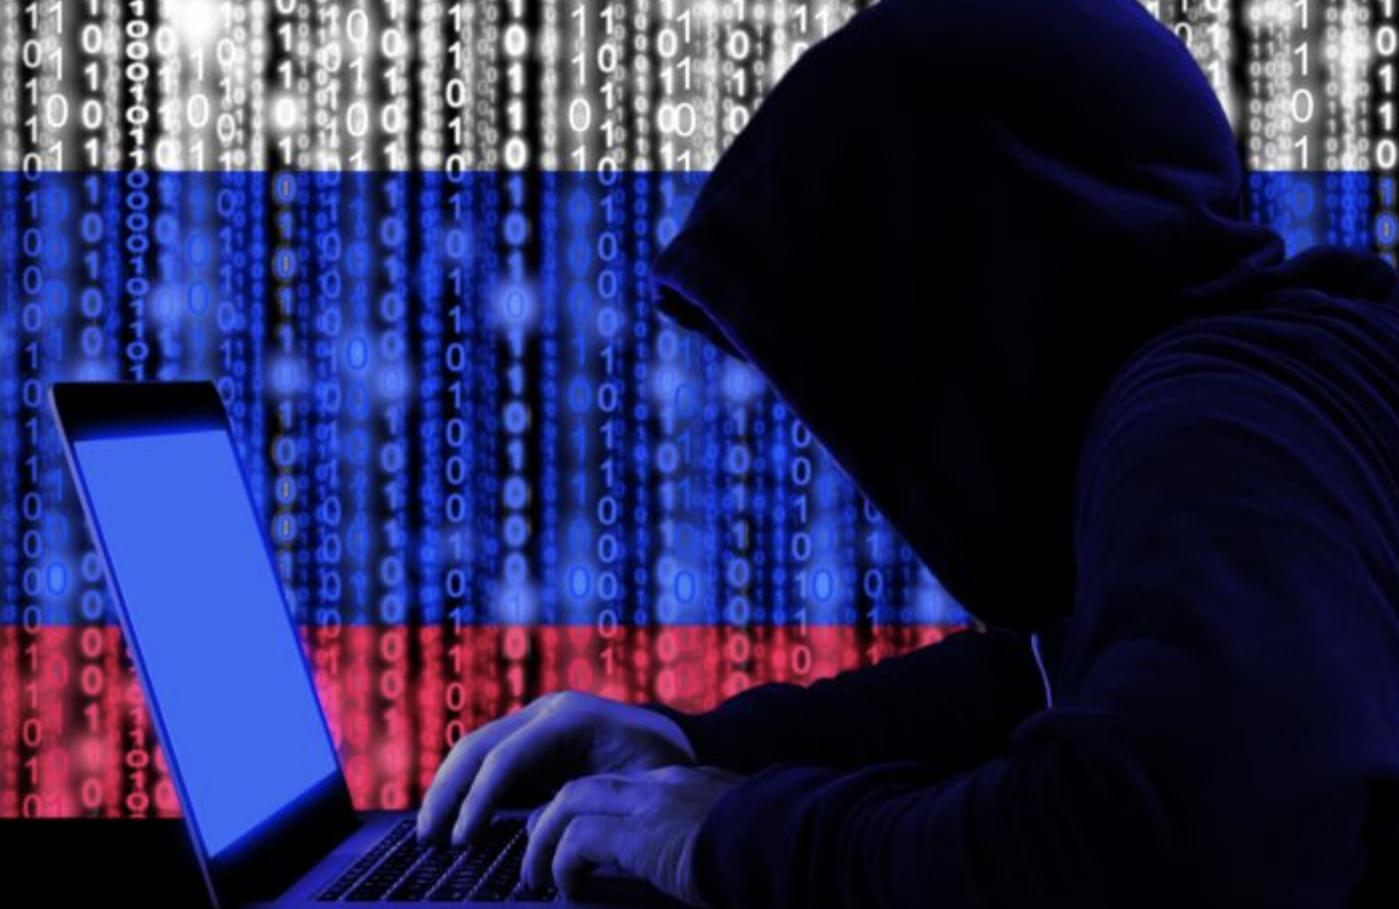 Rusia ka hakeruar sistemet kompjuterike, por edhe mendjet e amerikanëve